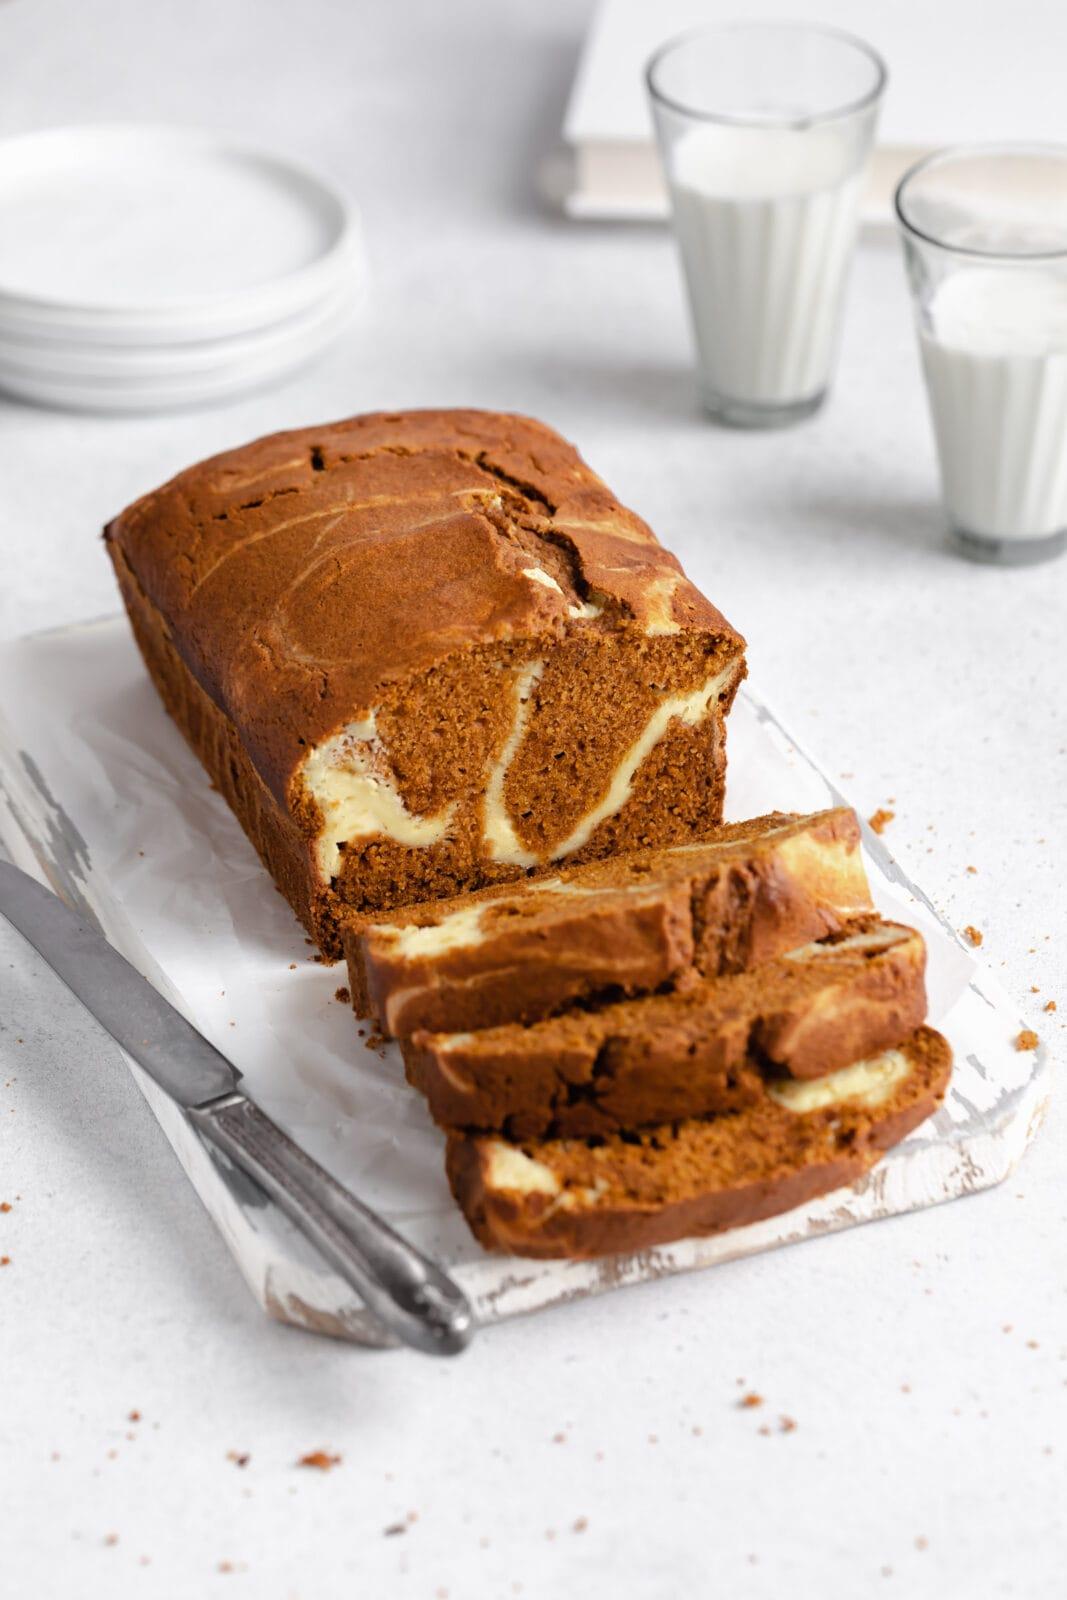 krémsajt kavargott tök kenyeret